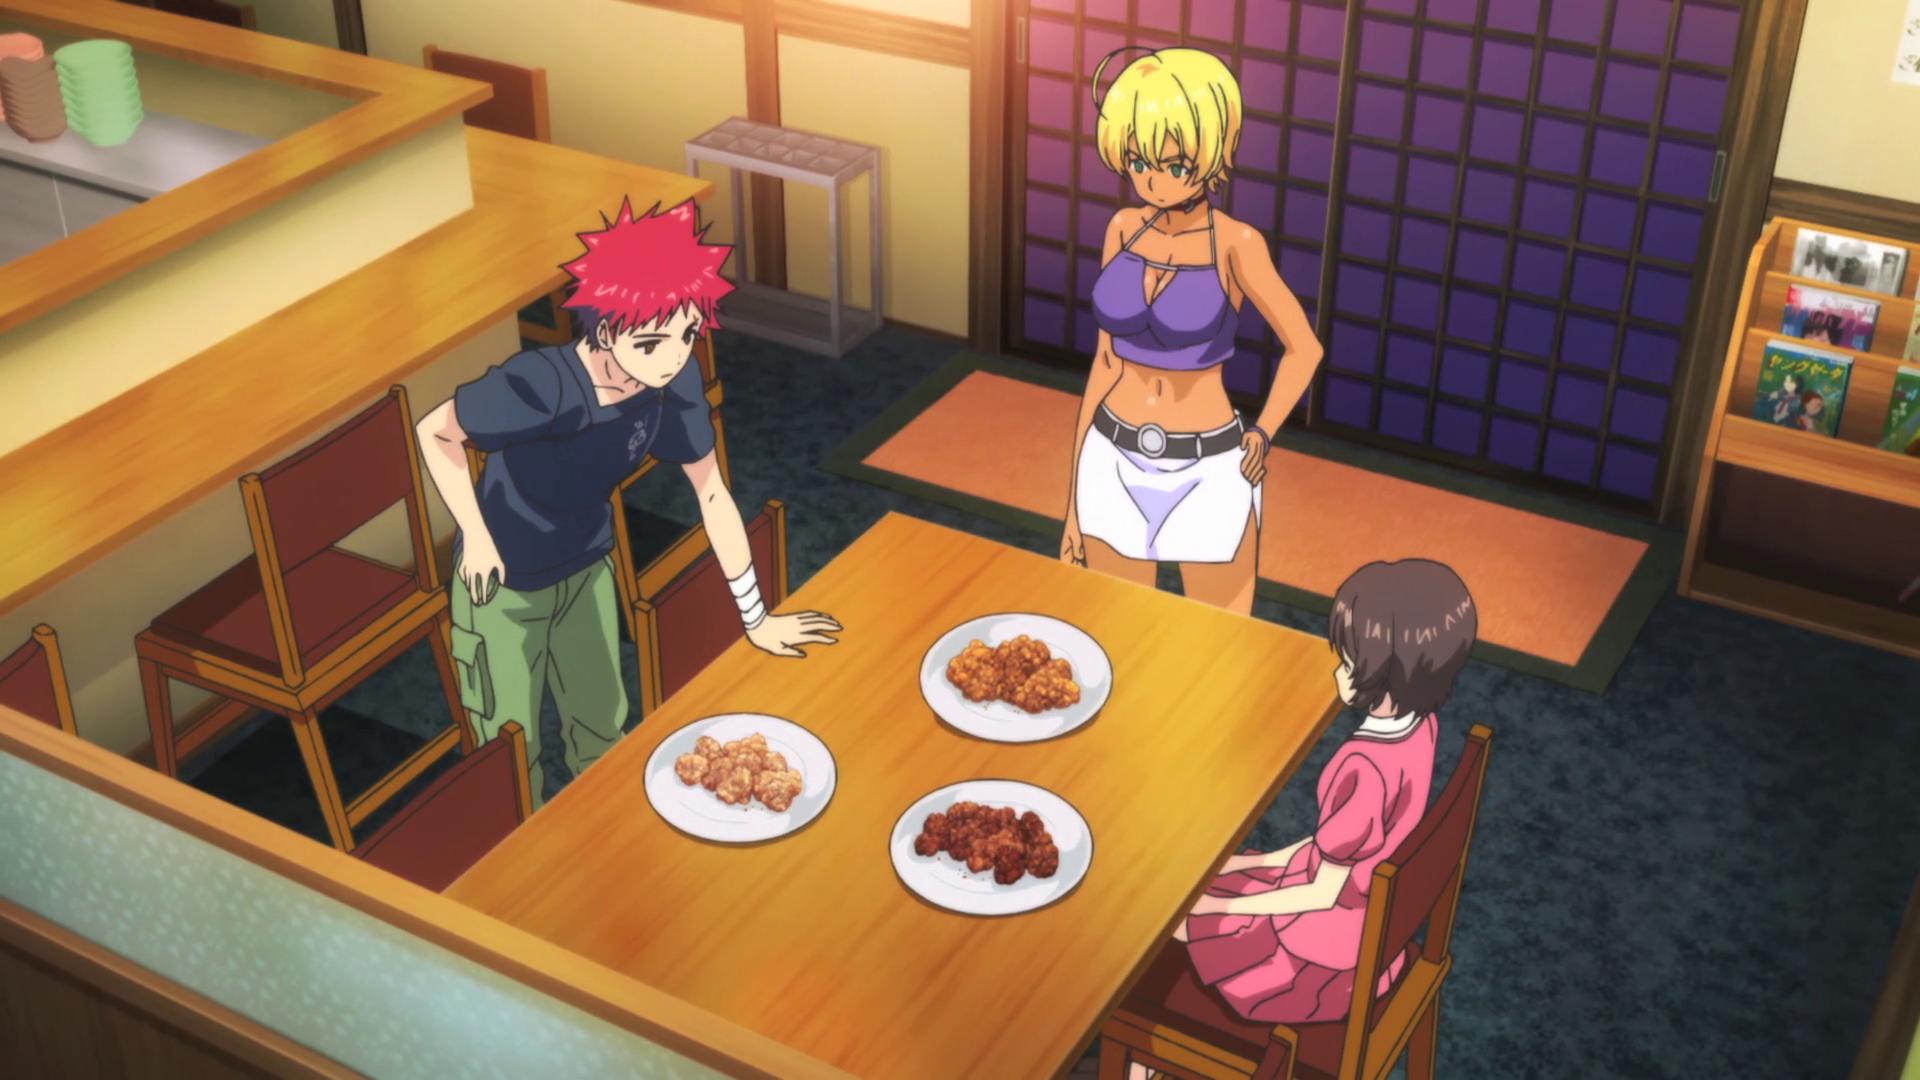 Food Wars Ikumi karaage wars arc | shokugeki no soma wiki | fandom